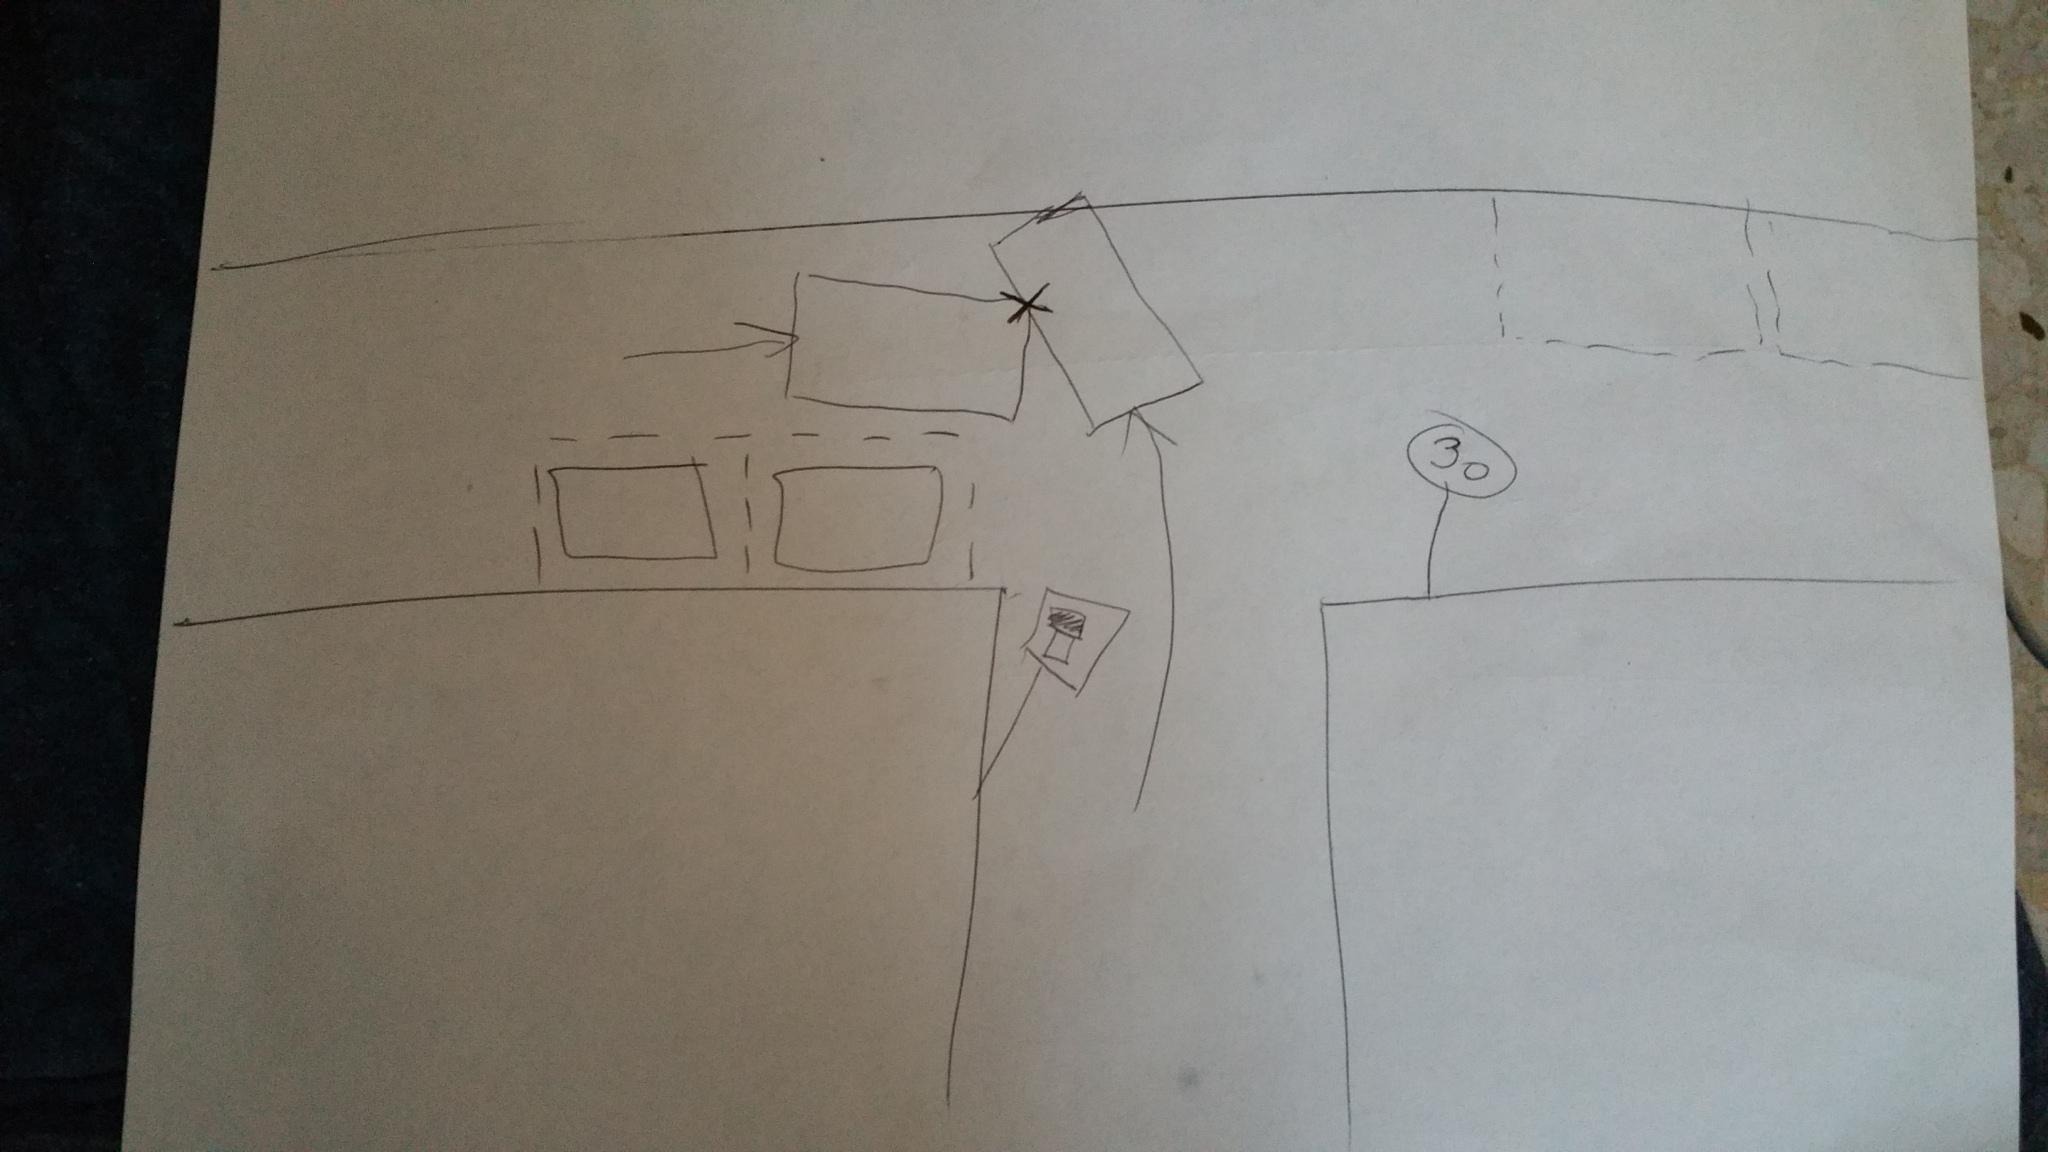 refus de priorit droite d fense de l 39 usager assurance automobile auto evasion forum auto. Black Bedroom Furniture Sets. Home Design Ideas